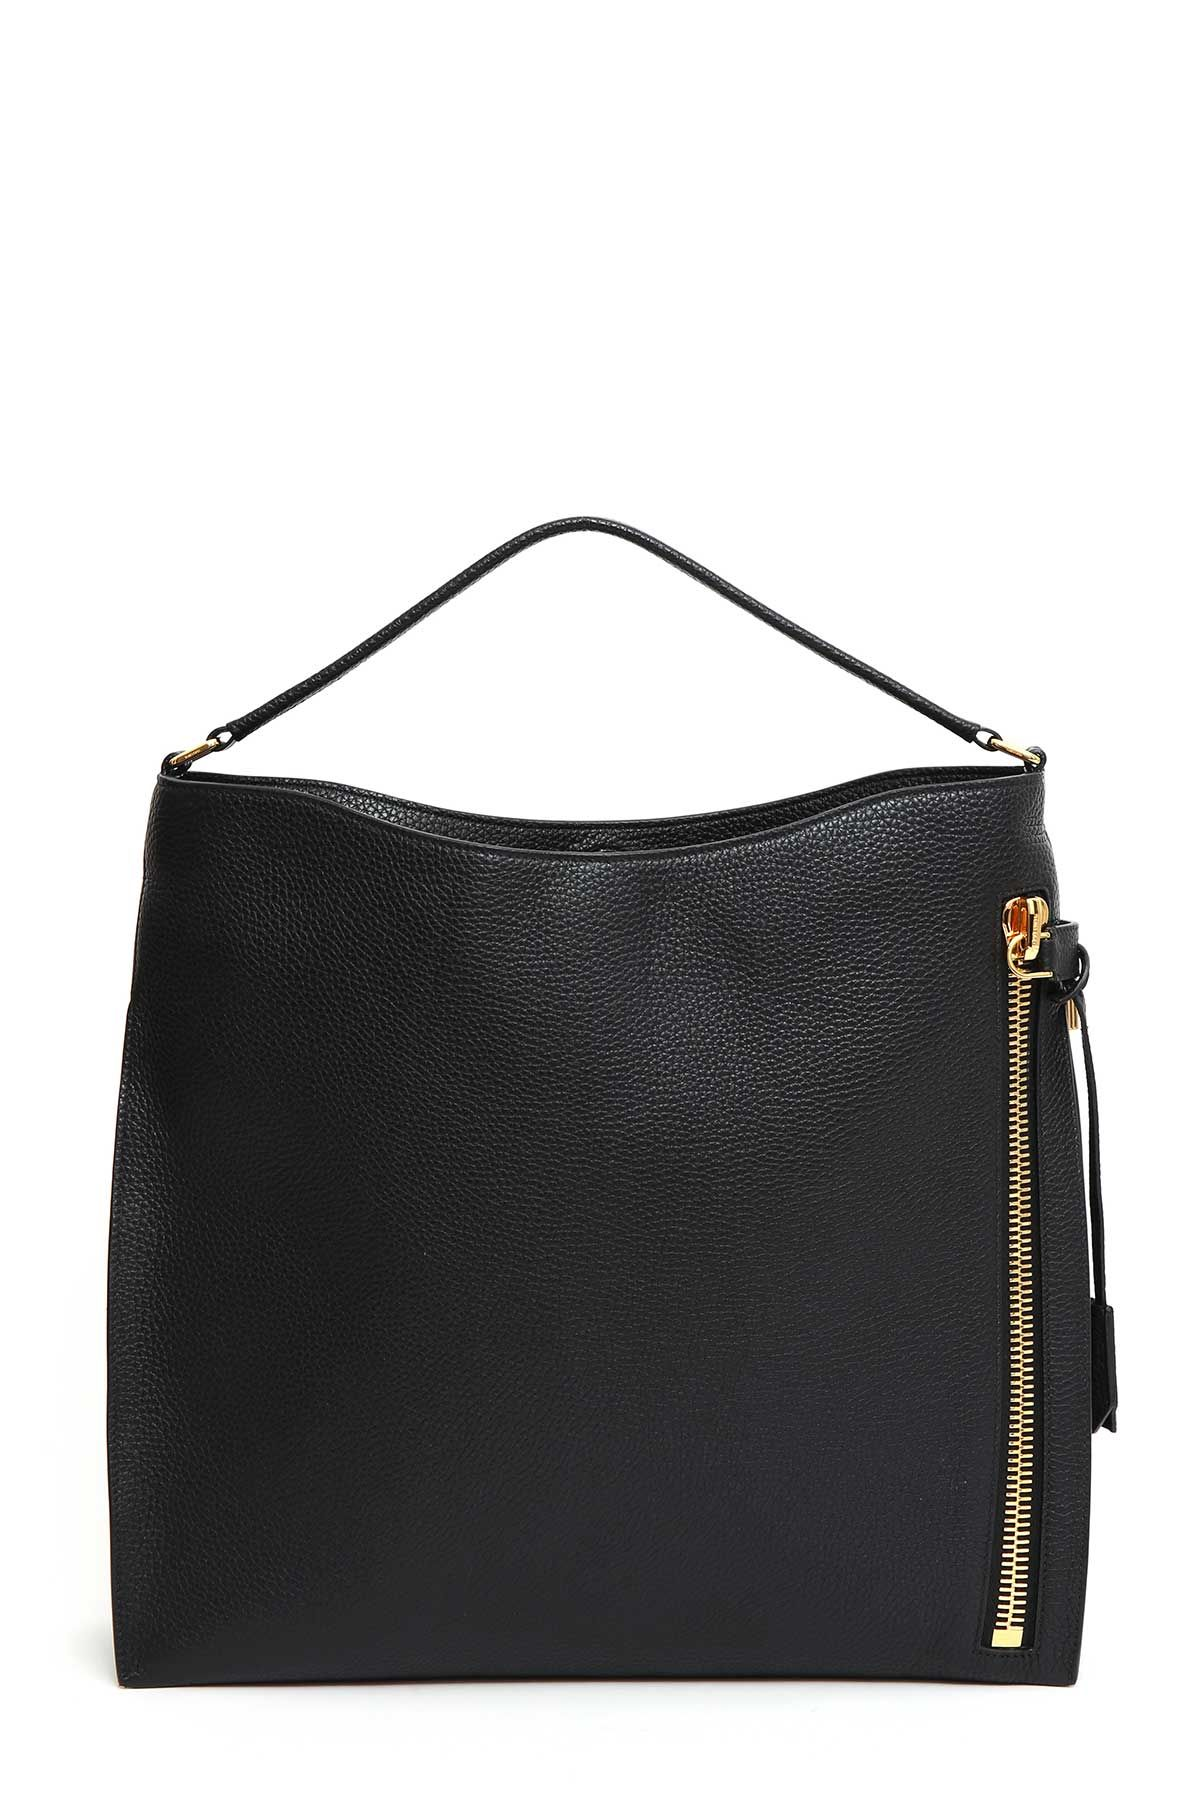 Tom Ford alix Hobo Shoulder Bag